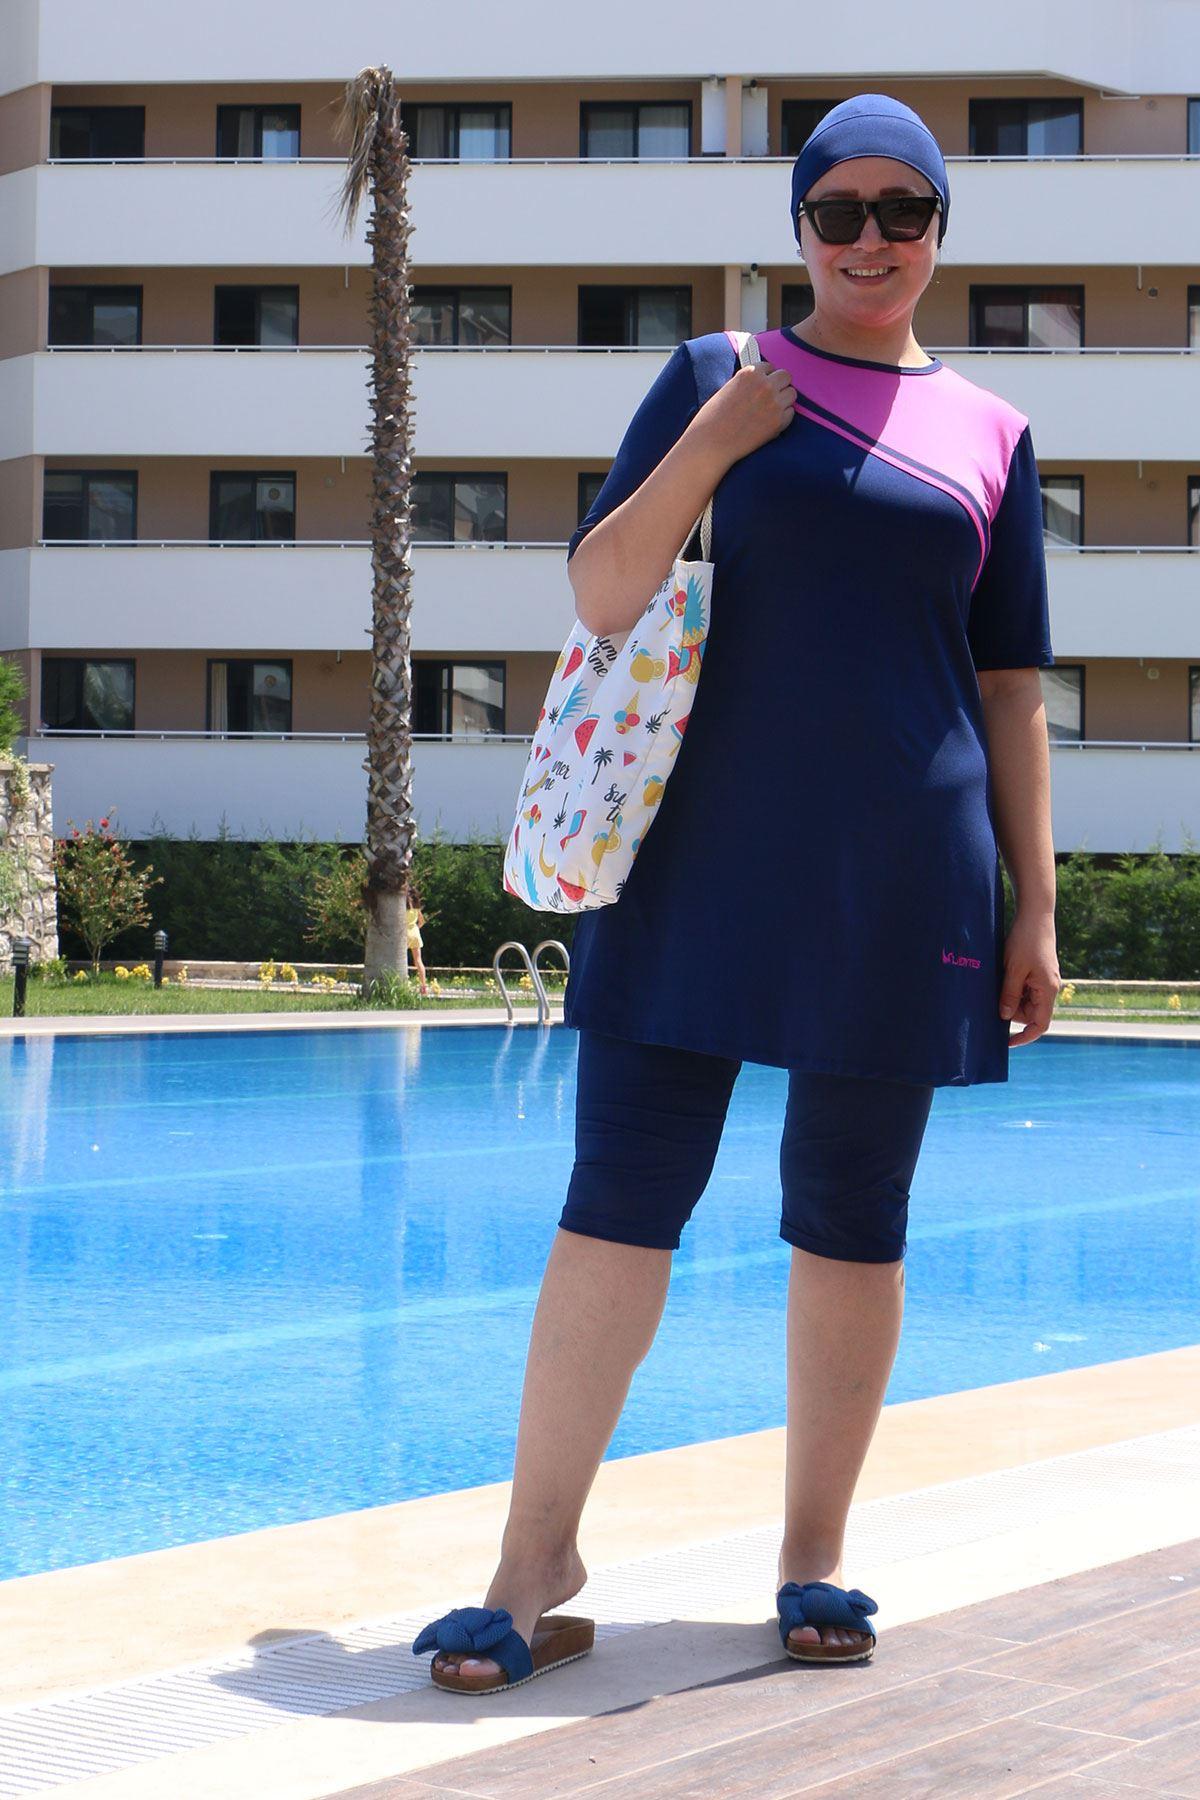 2335 ملابس سباحة  مقاس كبير نصف مغطى للمحجبات -  كحلي